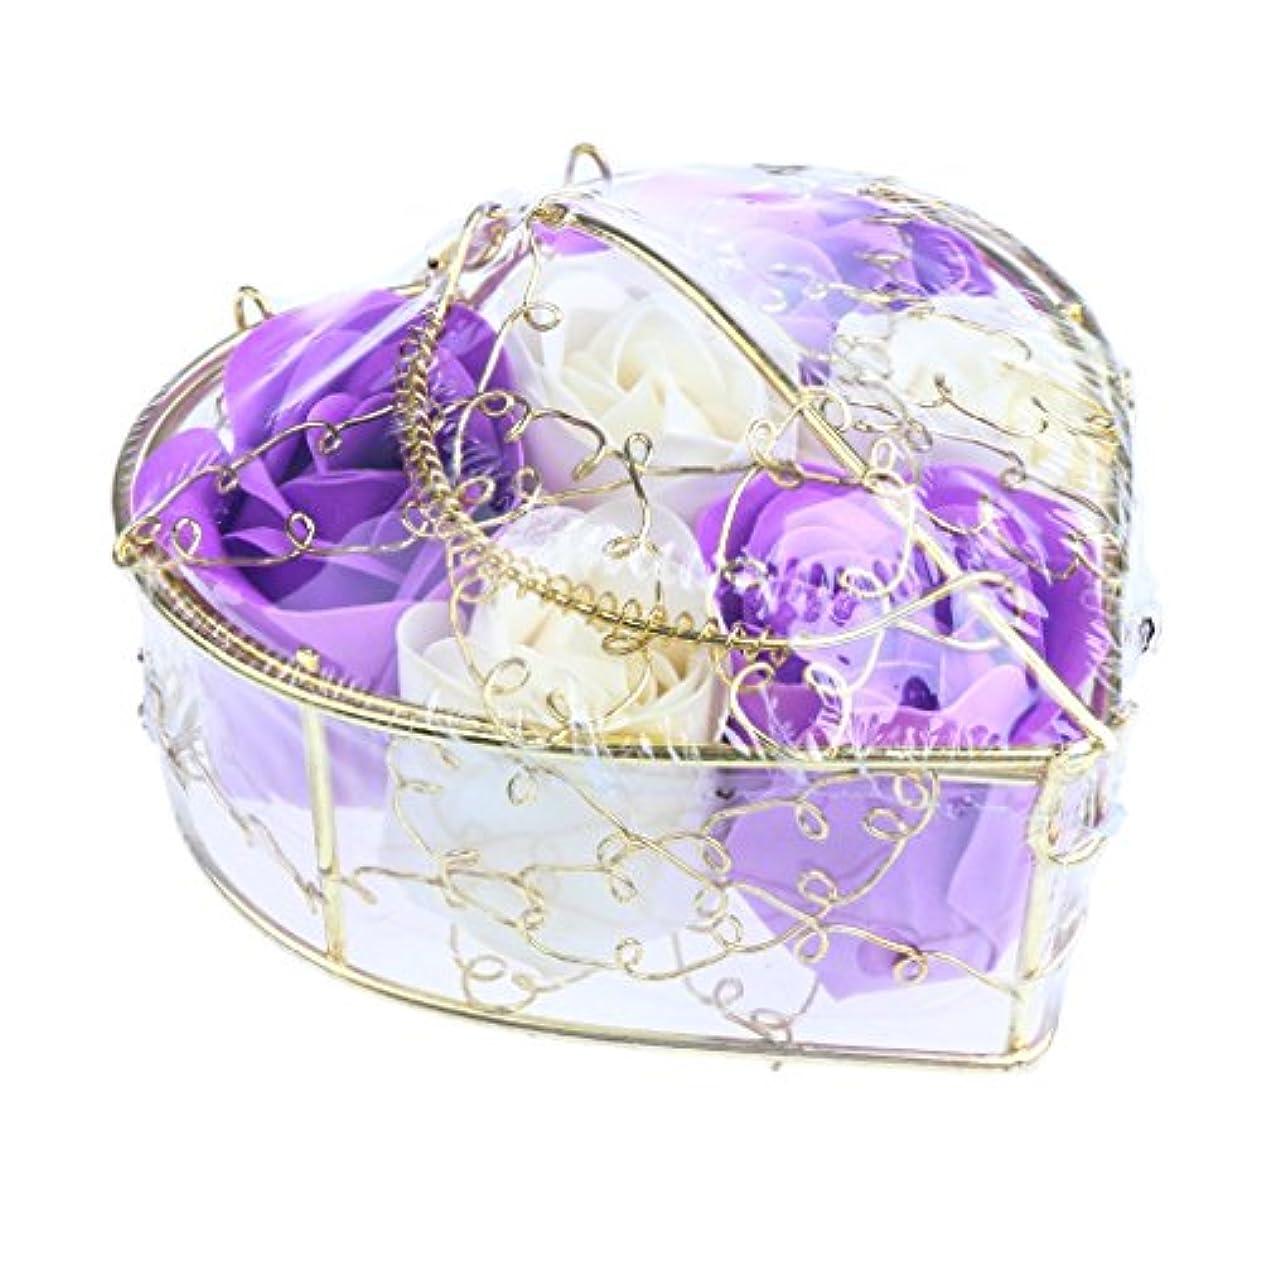 モディッシュぺディカブくしゃくしゃ6個 ソープフラワー 石鹸の花 バラ 心の形 ギフトボックス バレンタインデー ホワイトデー 母の日 結婚記念日 プレゼント 全5タイプ選べる - 紫と白